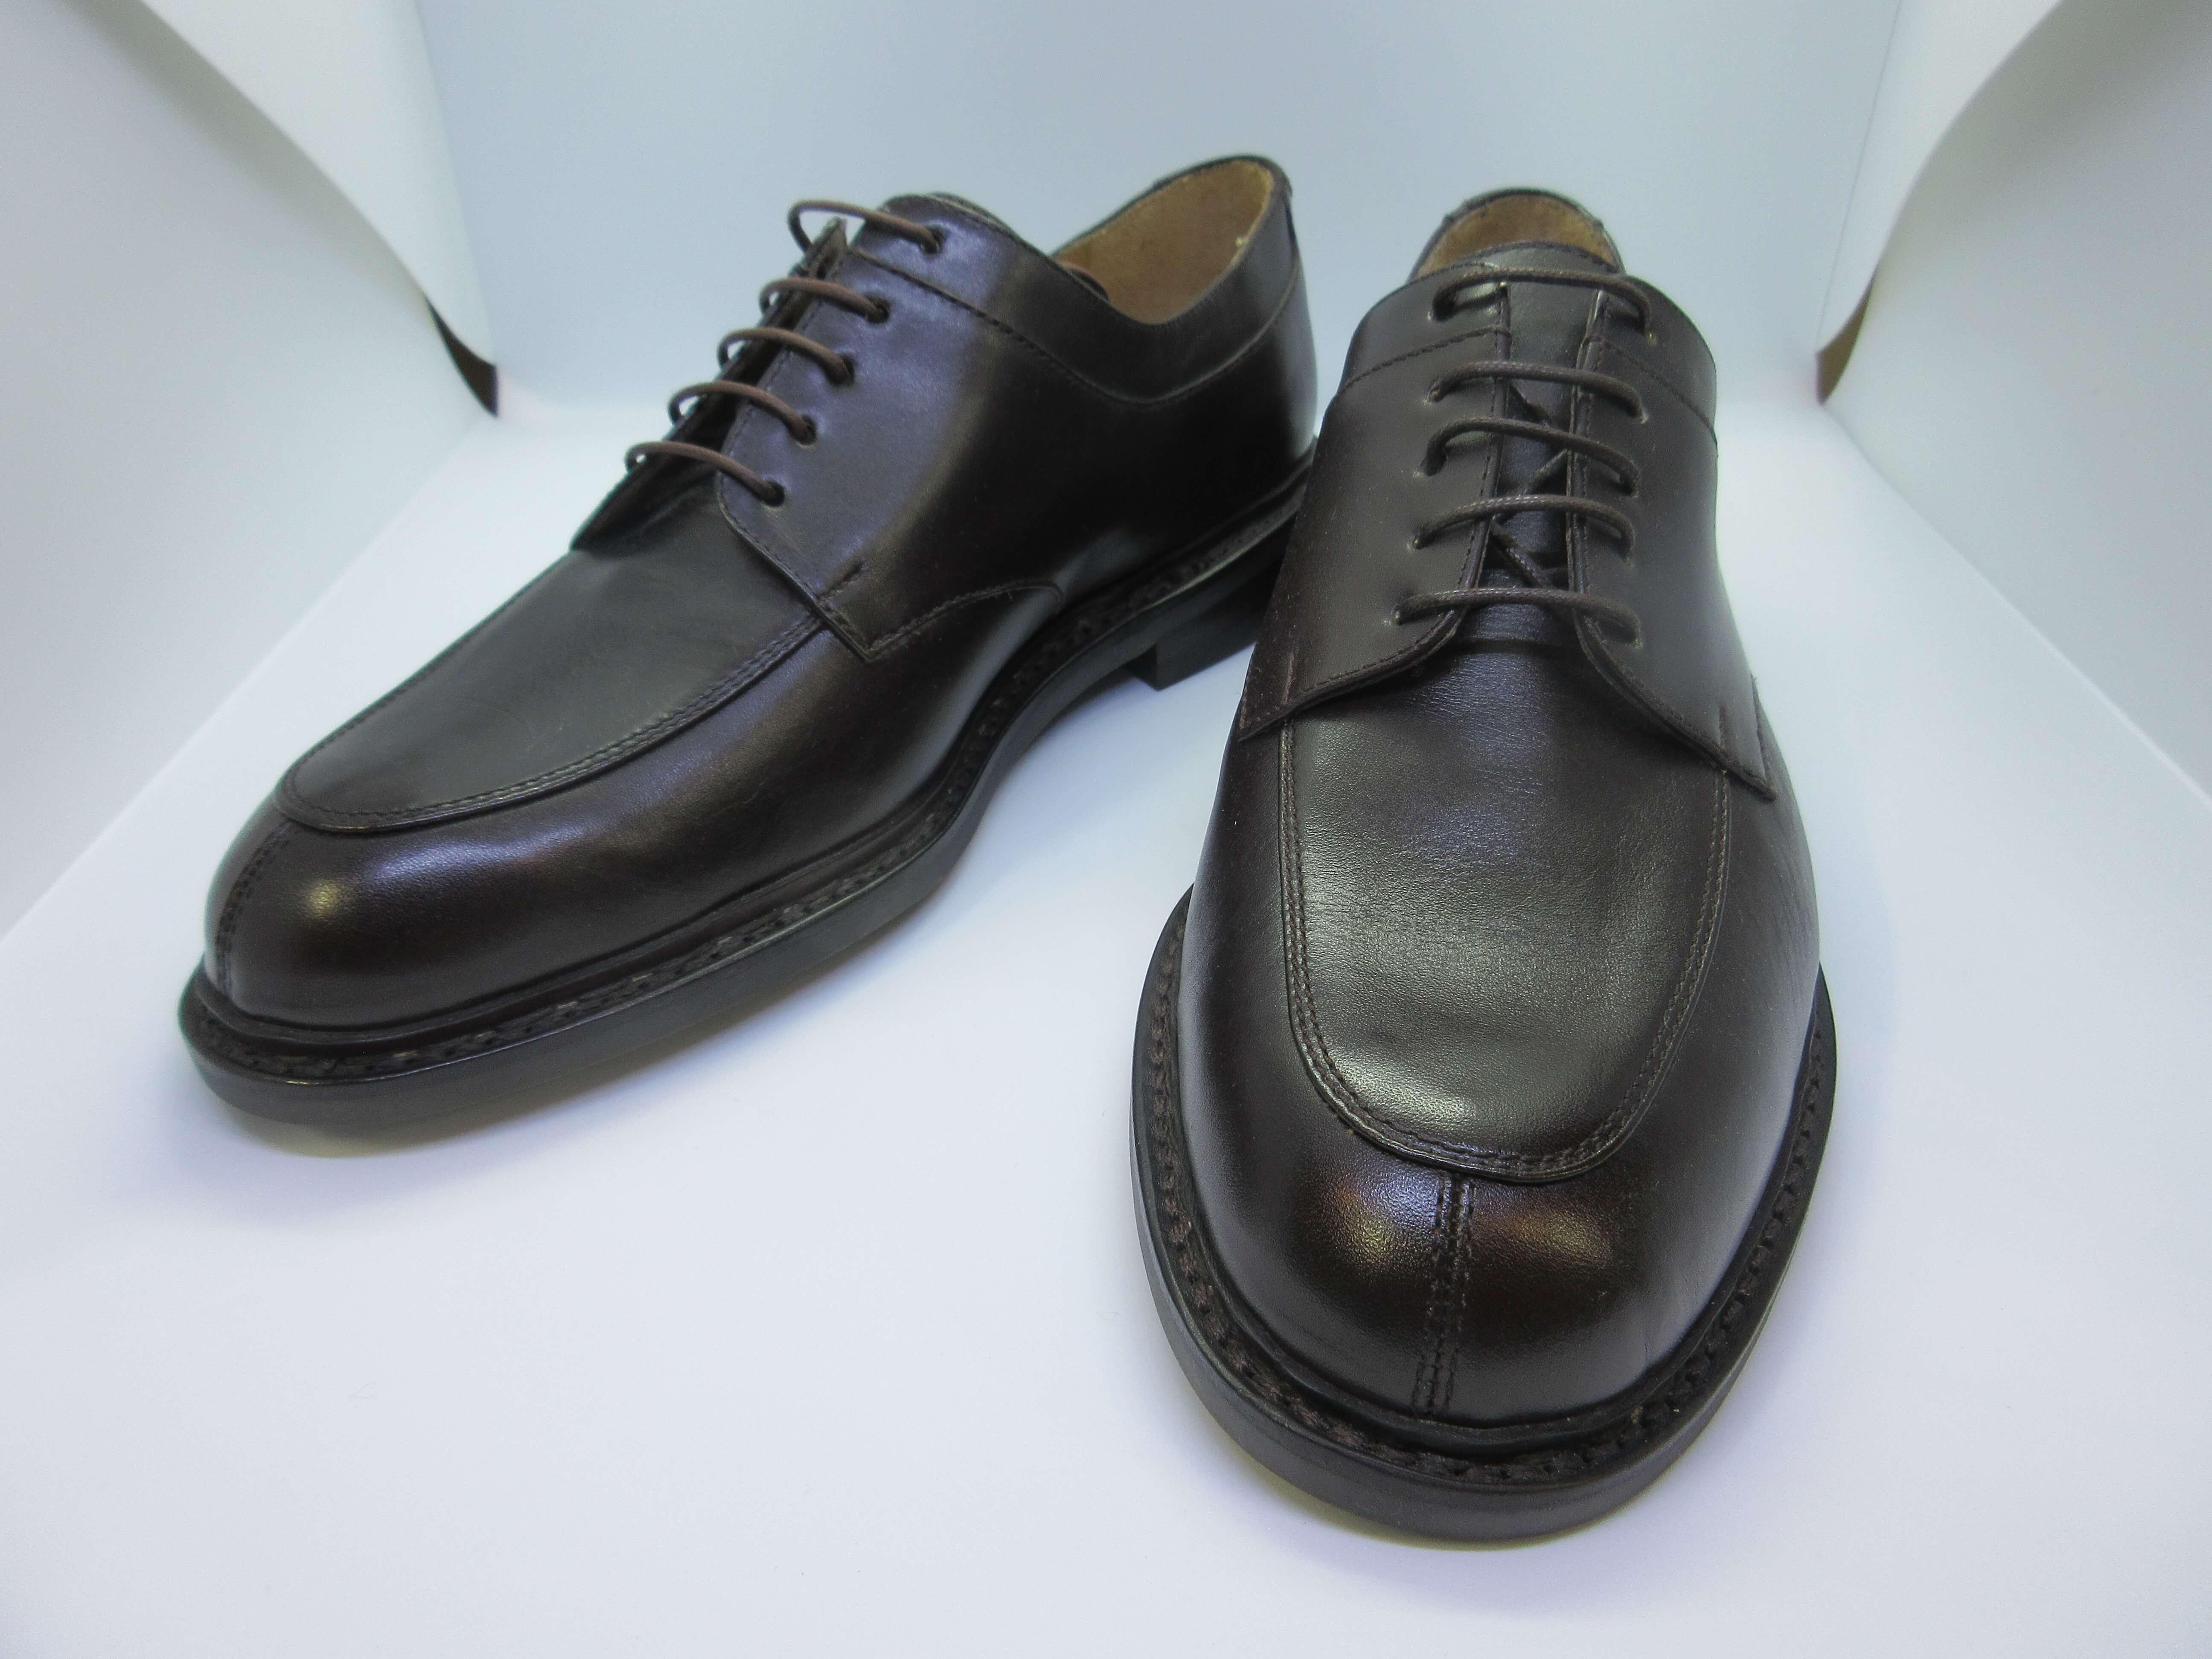 Hardrige shoes #gerald